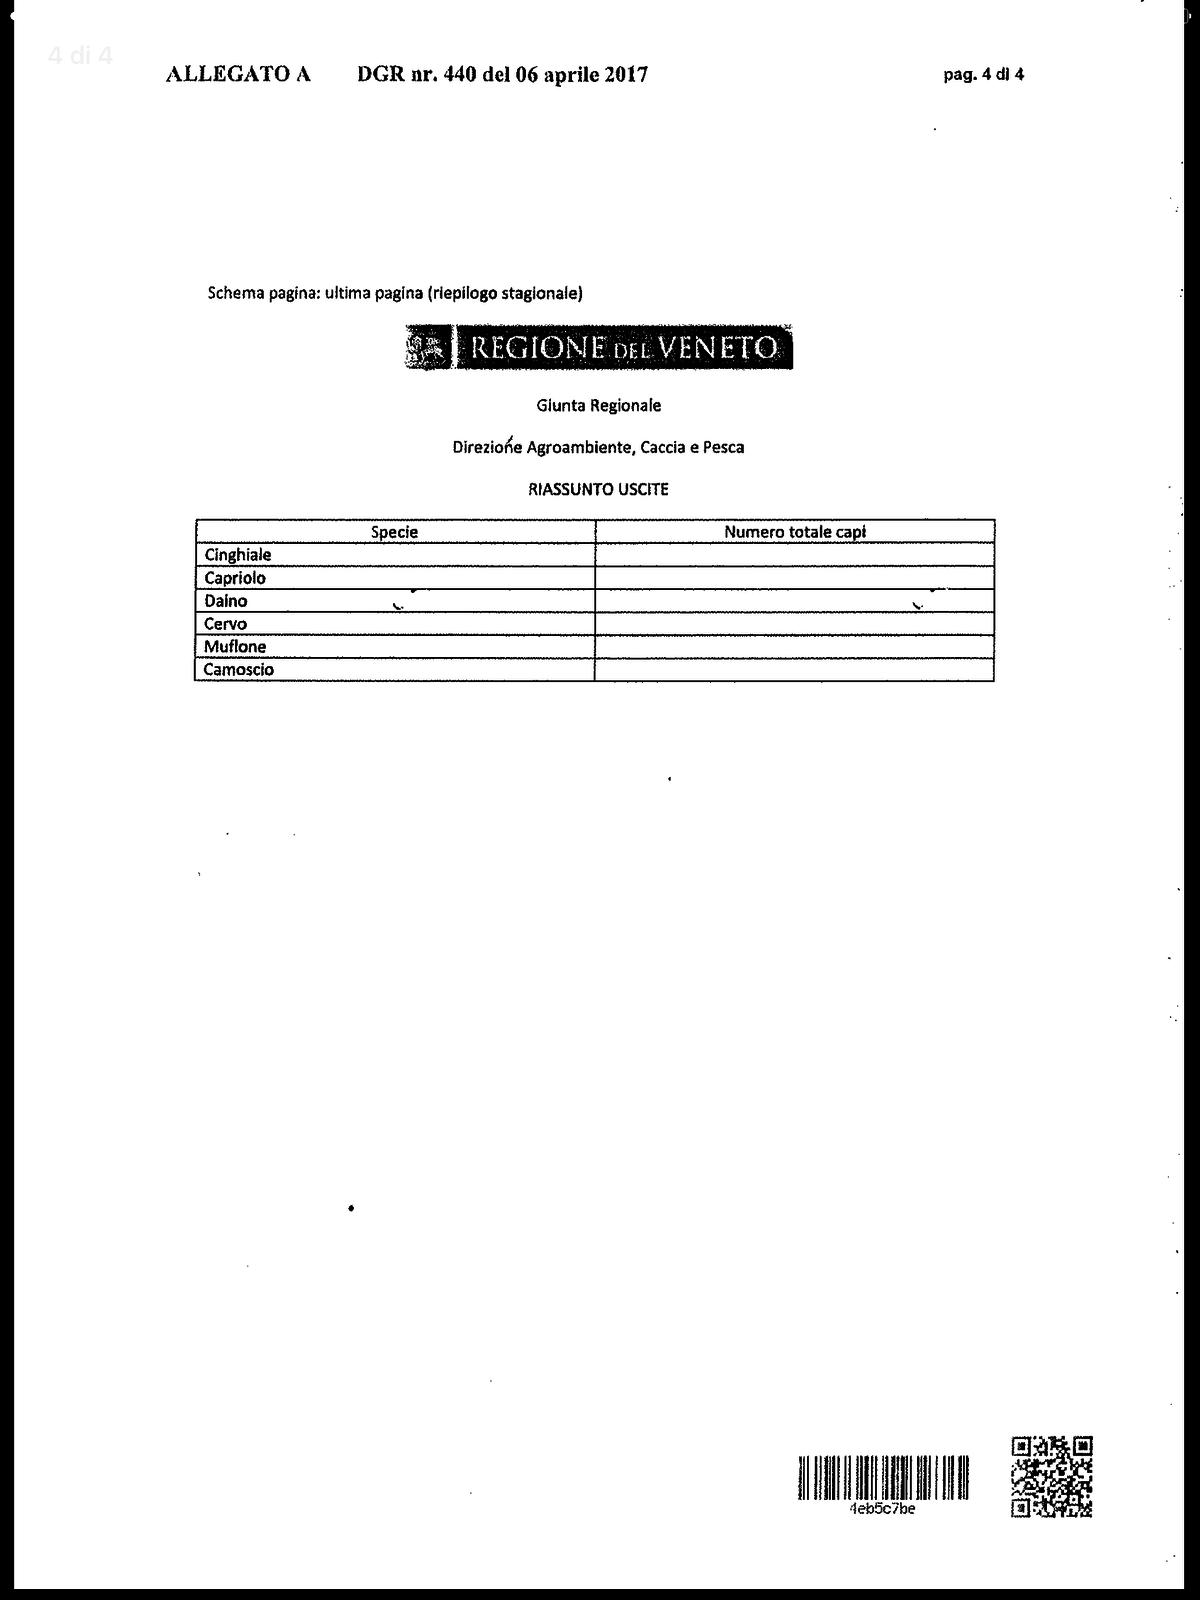 Stagione venatoria 2017/2018. Disposizioni in materia di caccia agli ungulati.